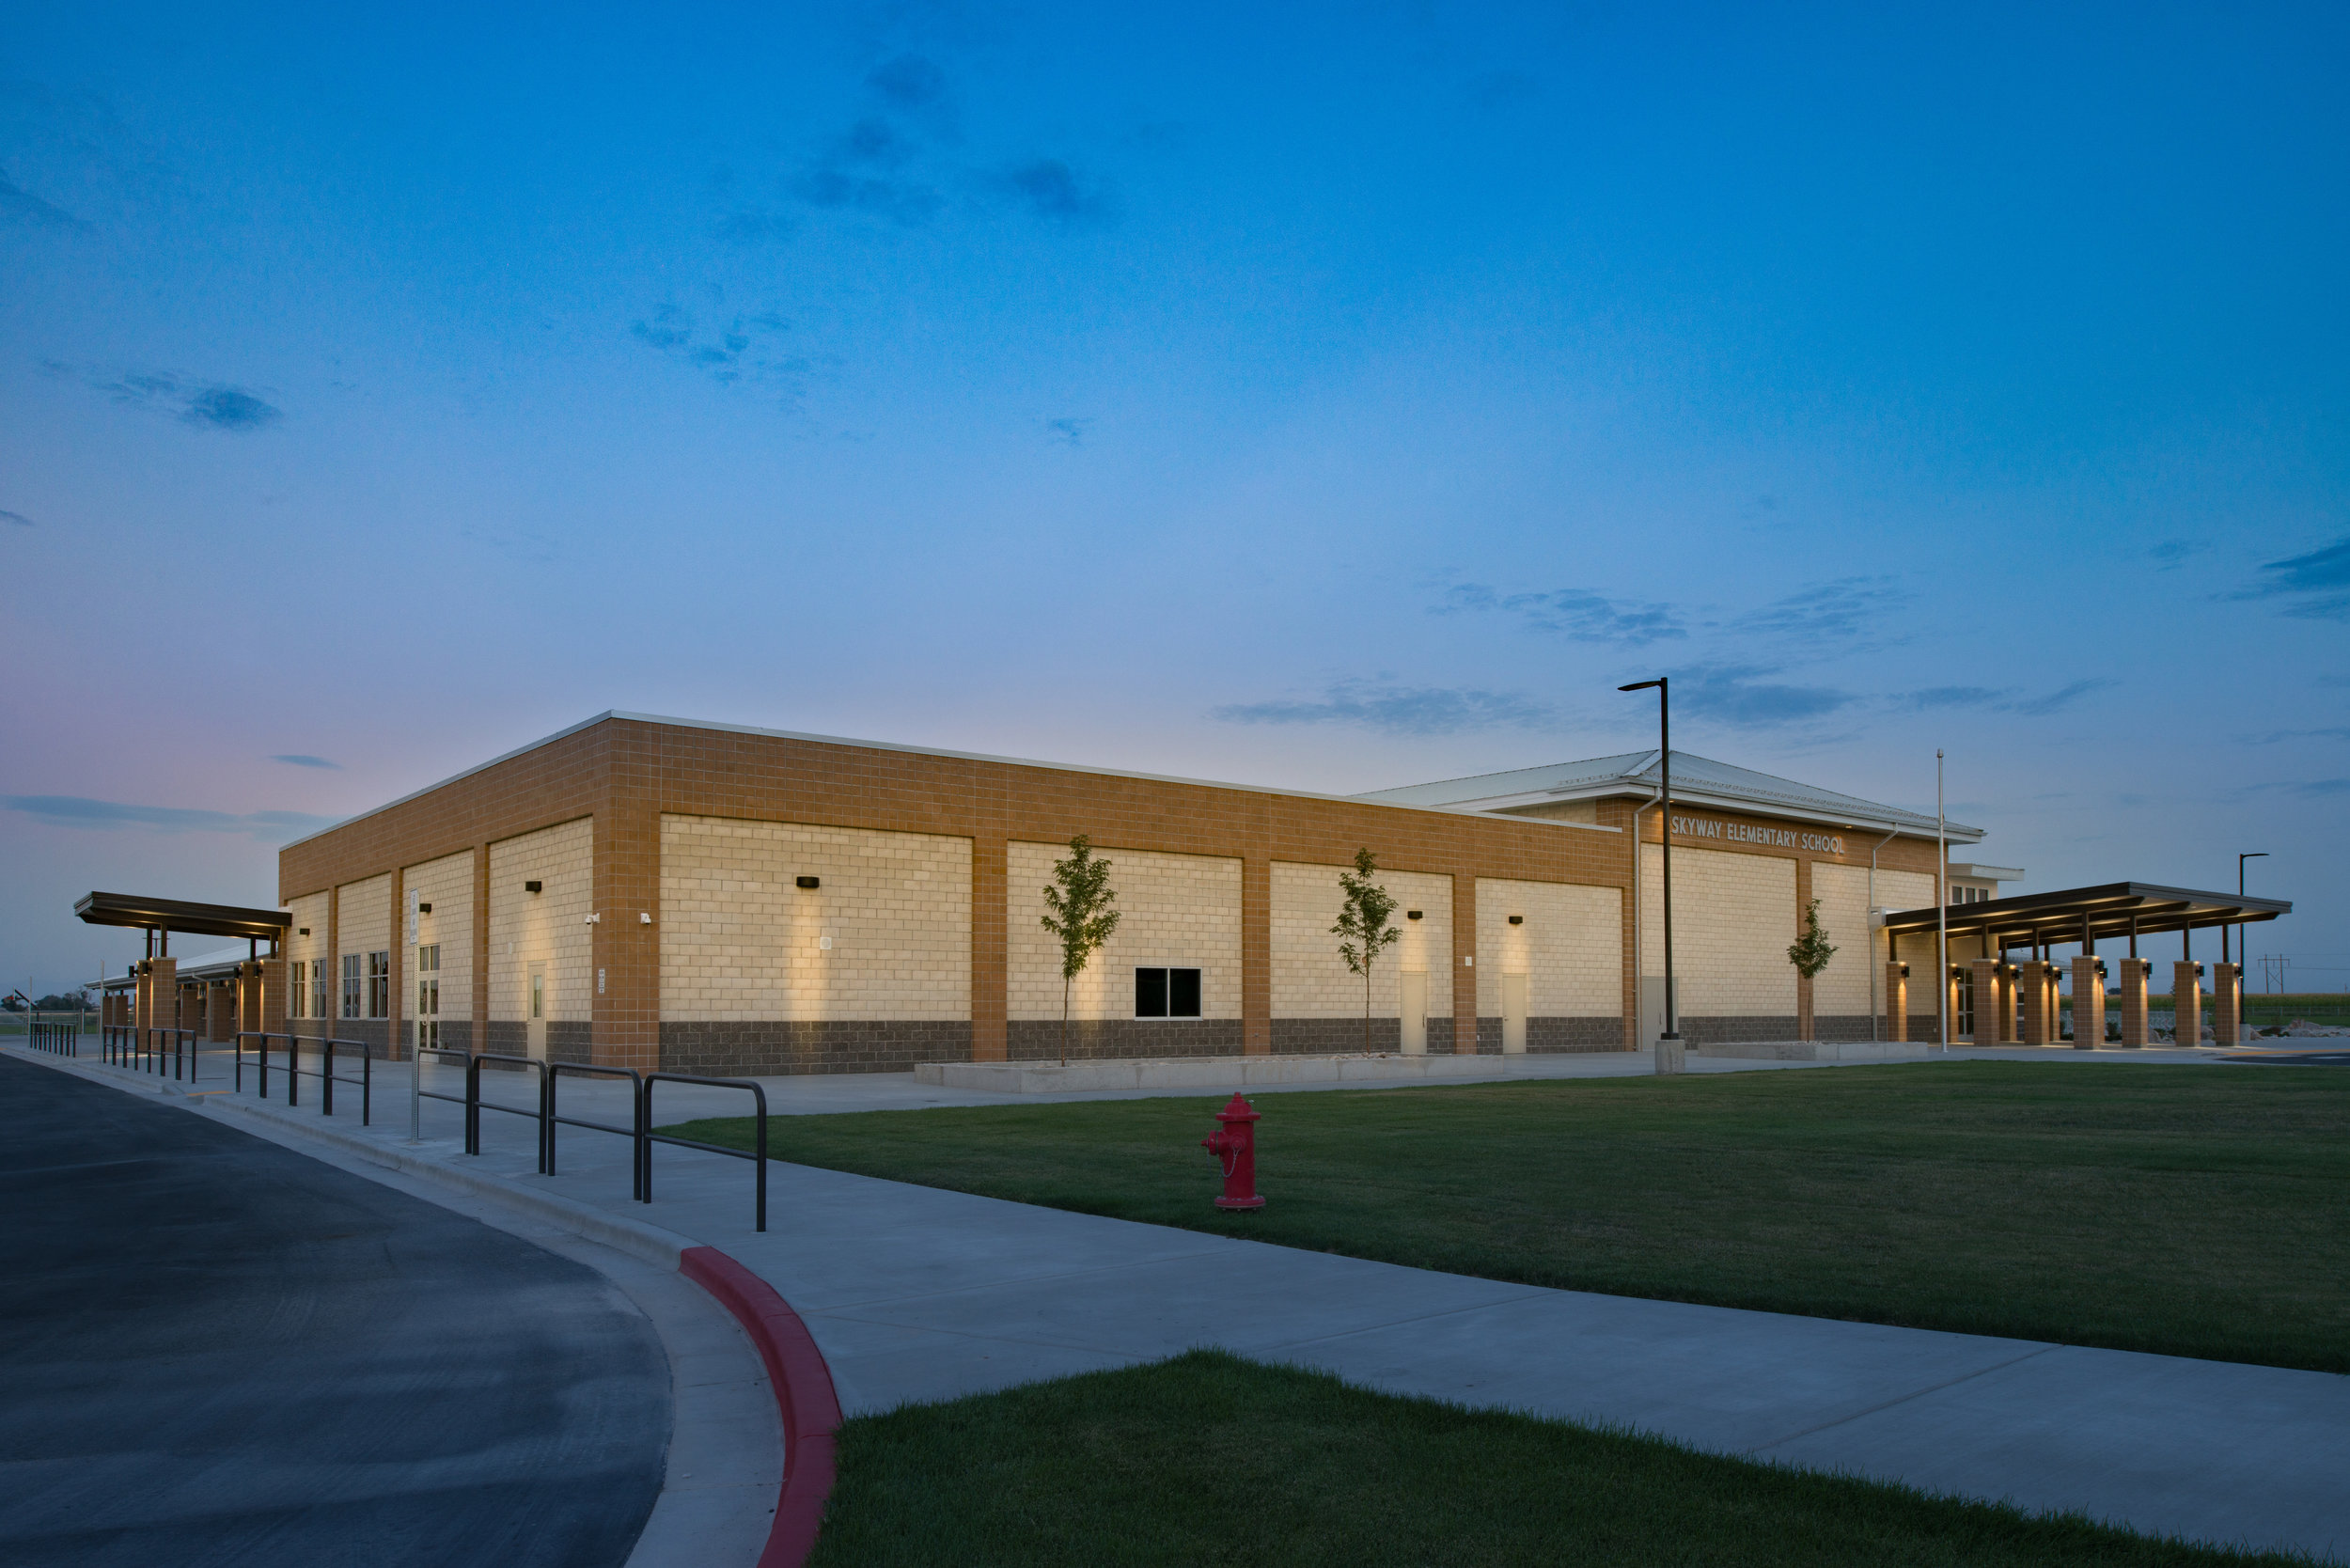 Skyway Elementary